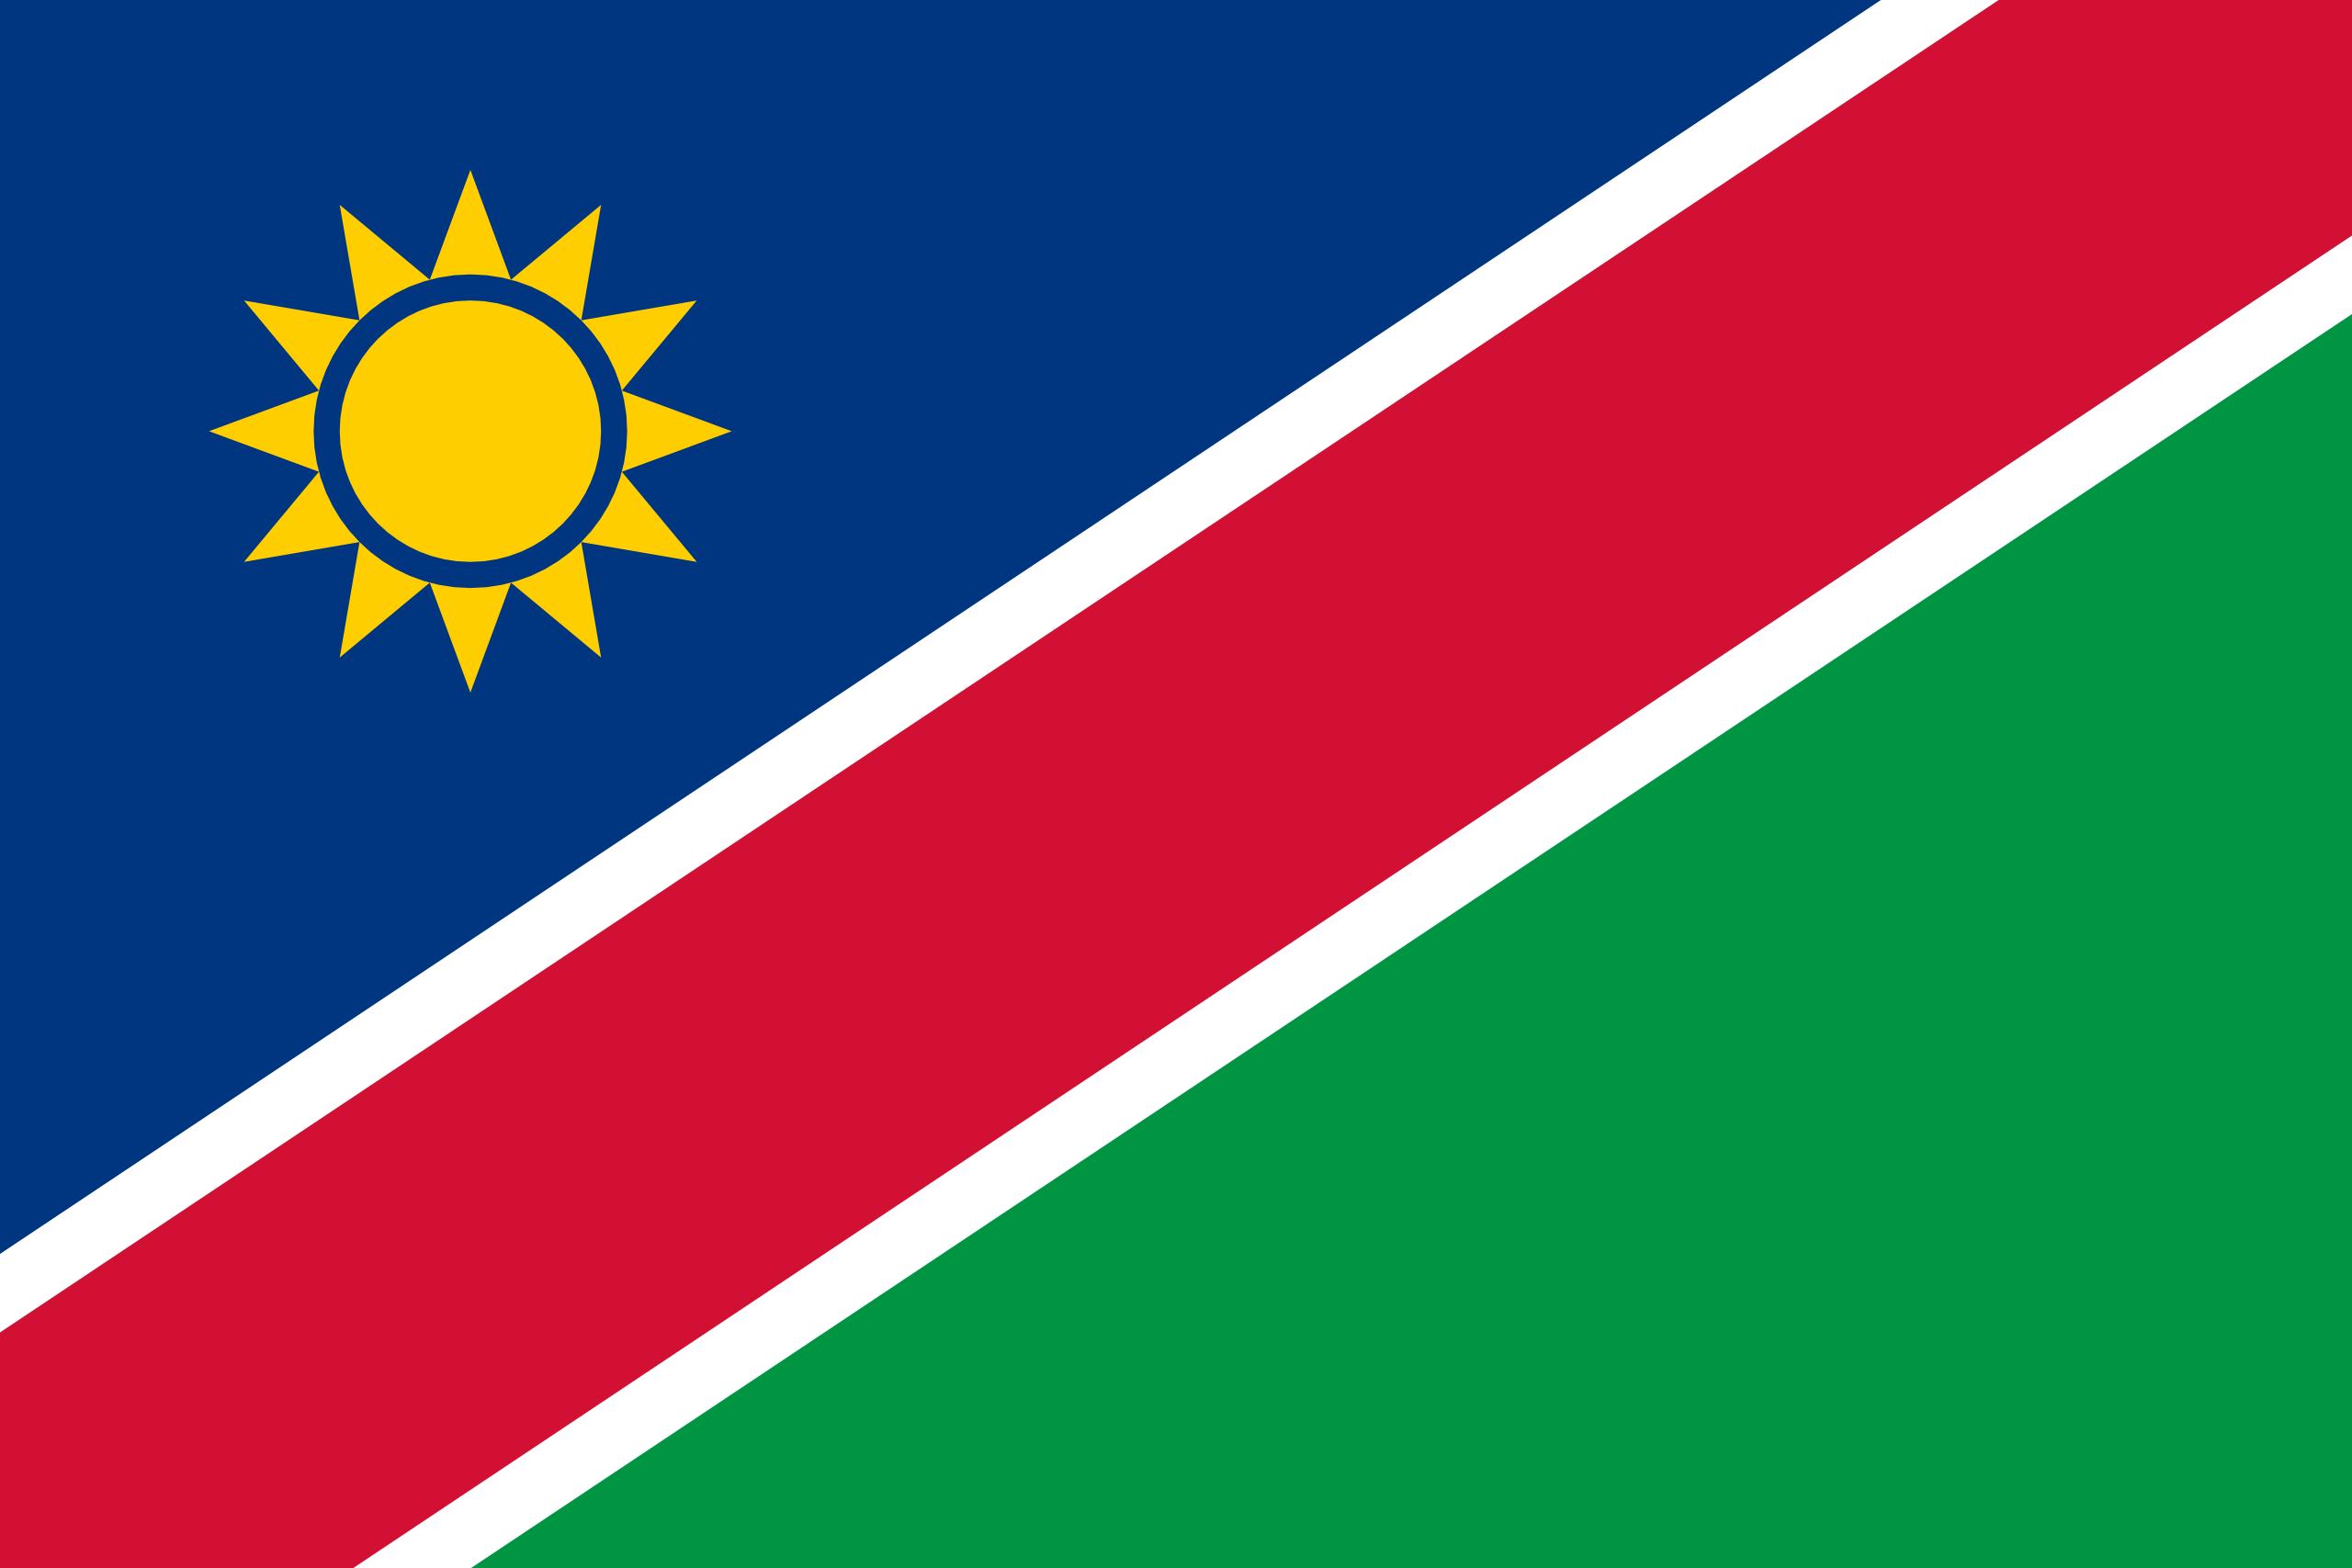 Viser flagg til Namibia